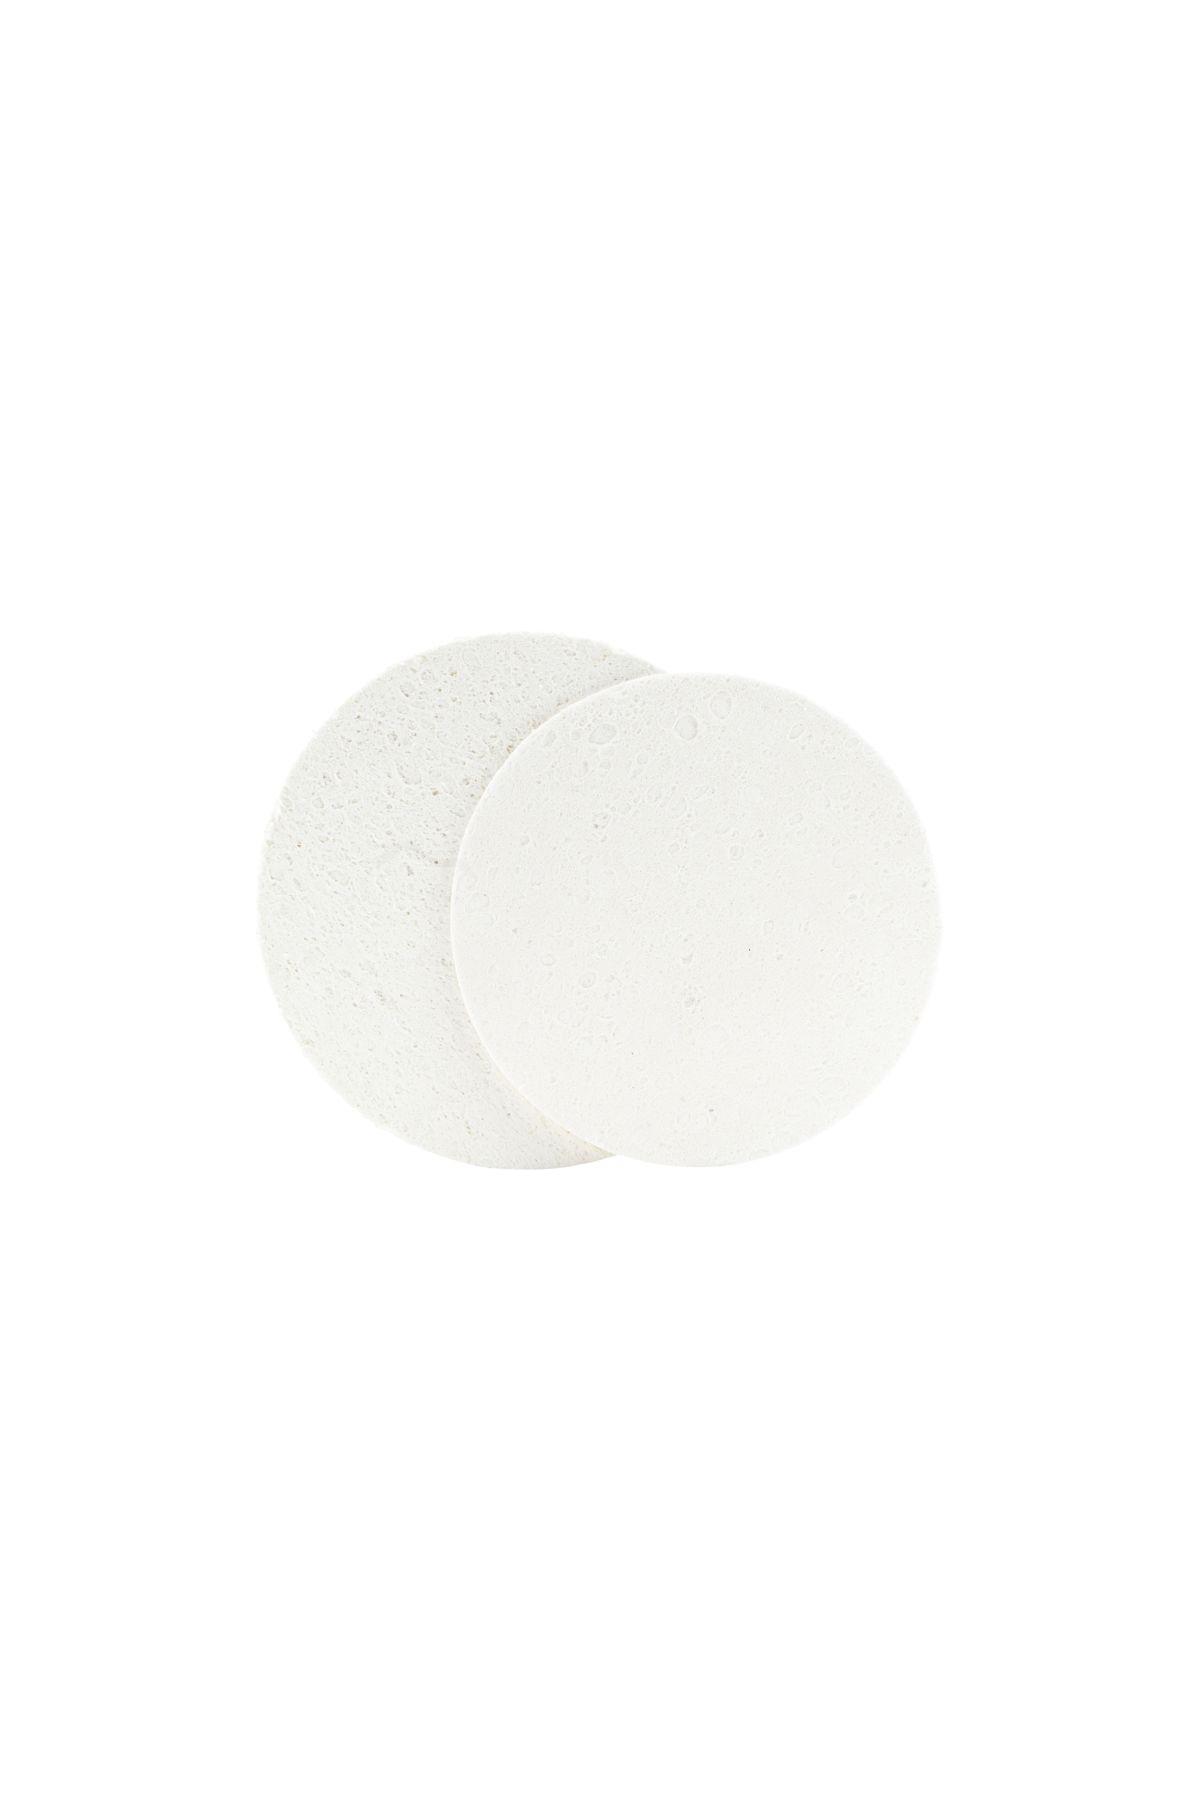 Meraki Facial Cleansing Sponge, 5 stk